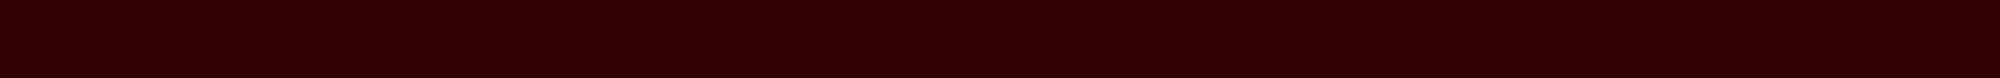 Unidad de Postgrado de Agronomía - UMSA